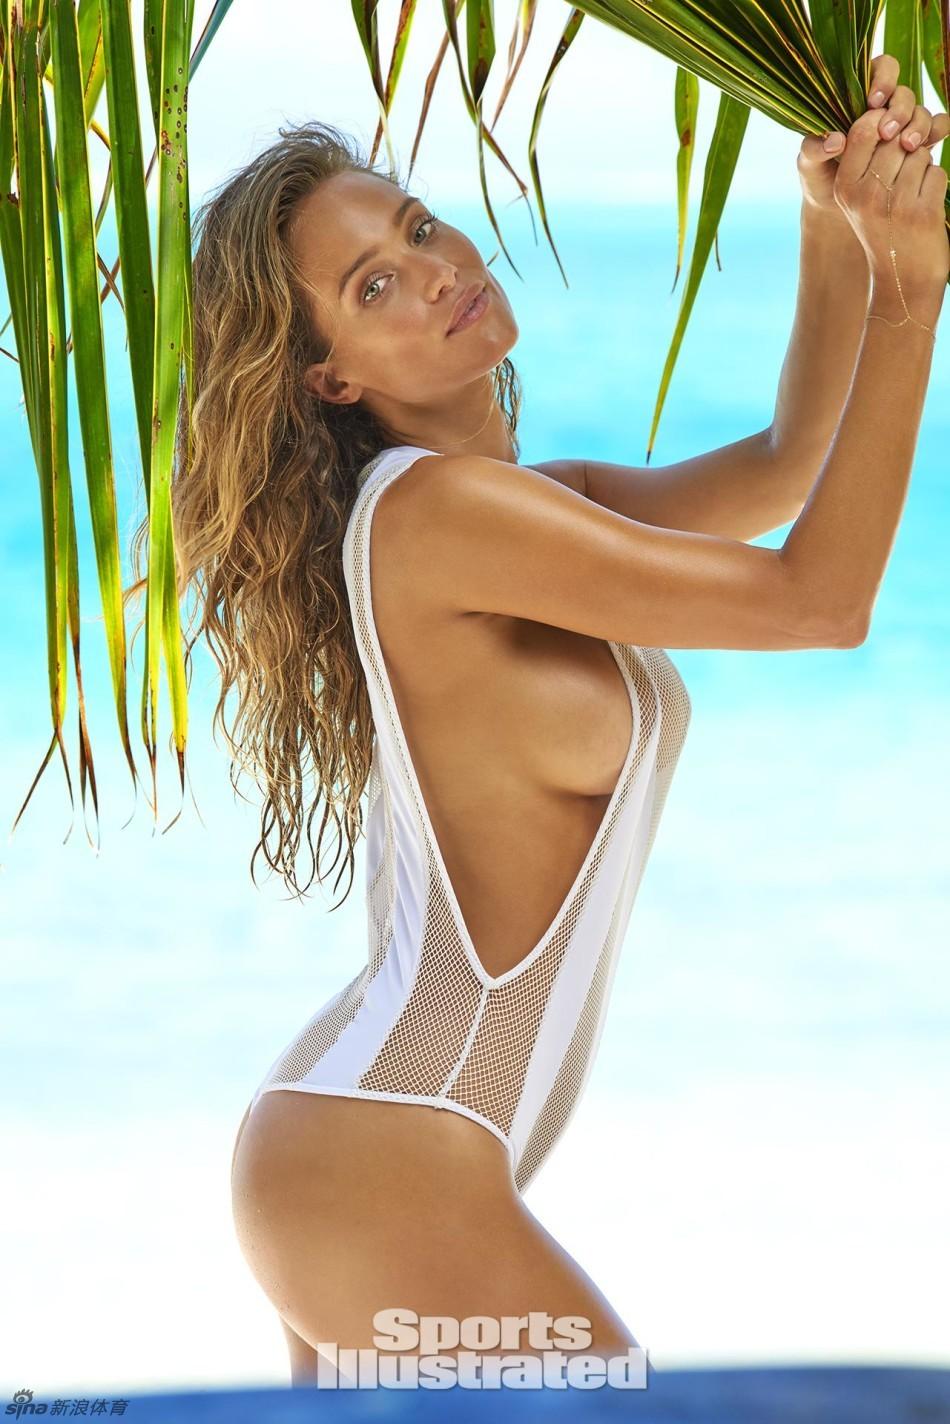 体育画报超模塔希提岛泳装写真